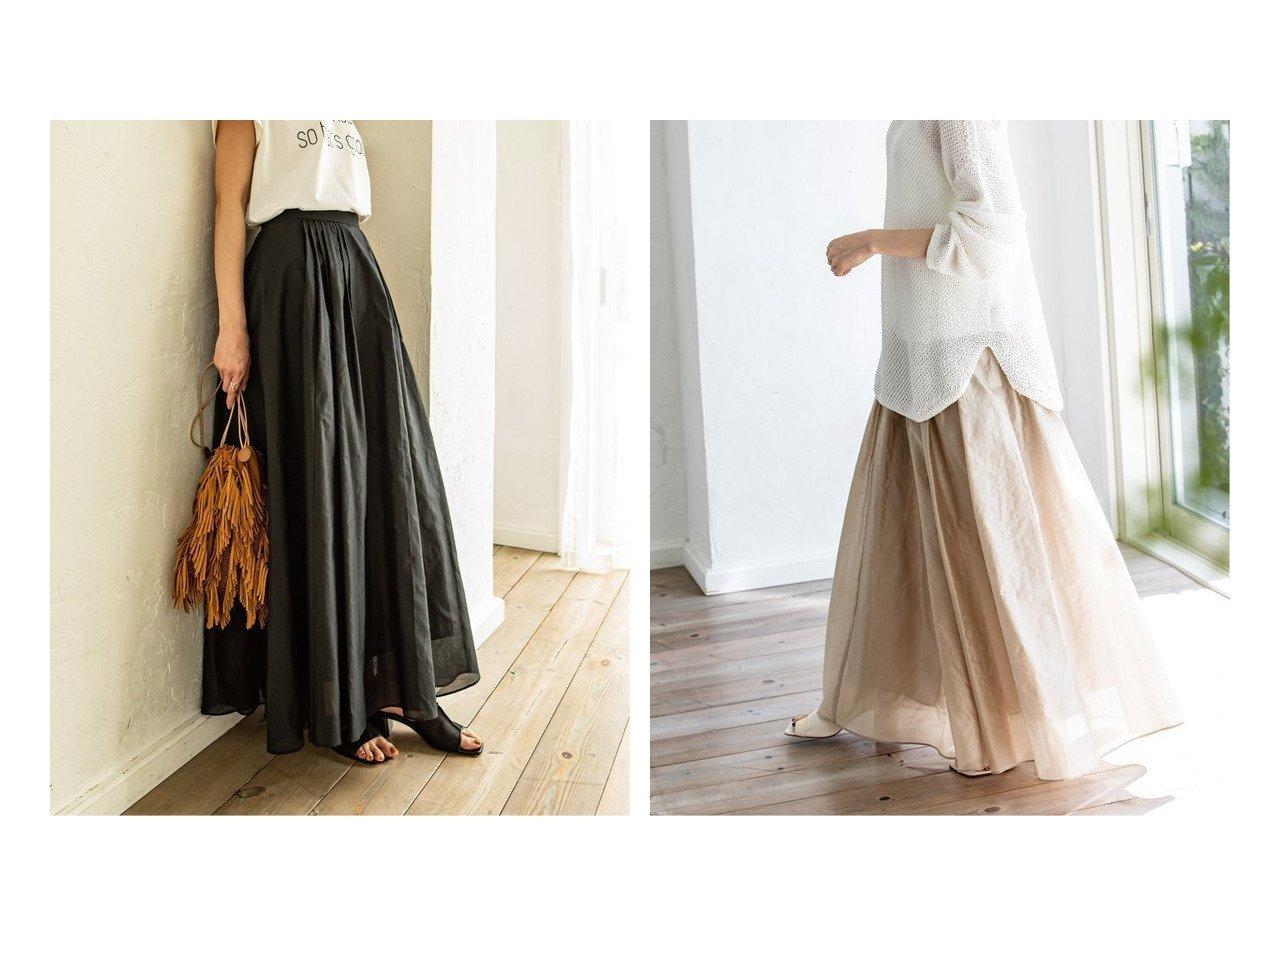 【NOBLE / Spick & Span/ノーブル / スピック&スパン】のシアータフタマキシスカート 【スカート】おすすめ!人気、トレンド・レディースファッションの通販 おすすめで人気の流行・トレンド、ファッションの通販商品 インテリア・家具・メンズファッション・キッズファッション・レディースファッション・服の通販 founy(ファニー) https://founy.com/ ファッション Fashion レディースファッション WOMEN スカート Skirt 2021年 2021 2021春夏・S/S SS/Spring/Summer/2021 S/S・春夏 SS・Spring/Summer イレギュラー シアー シンプル タフタ フォルム 再入荷 Restock/Back in Stock/Re Arrival |ID:crp329100000047543